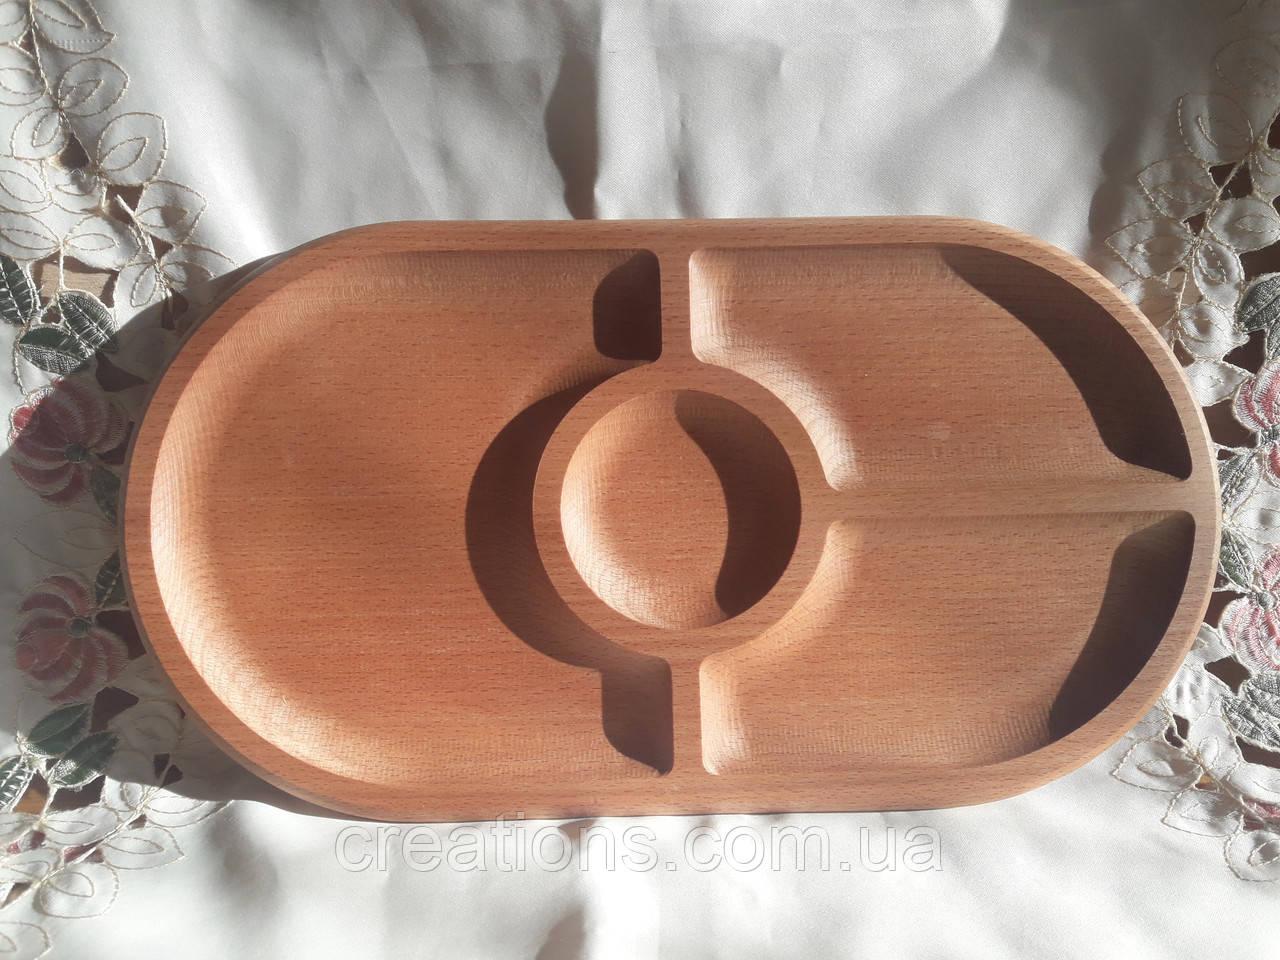 Менажница деревянная 37х20 см. на 3 секции с соусницей из бука БМ-8